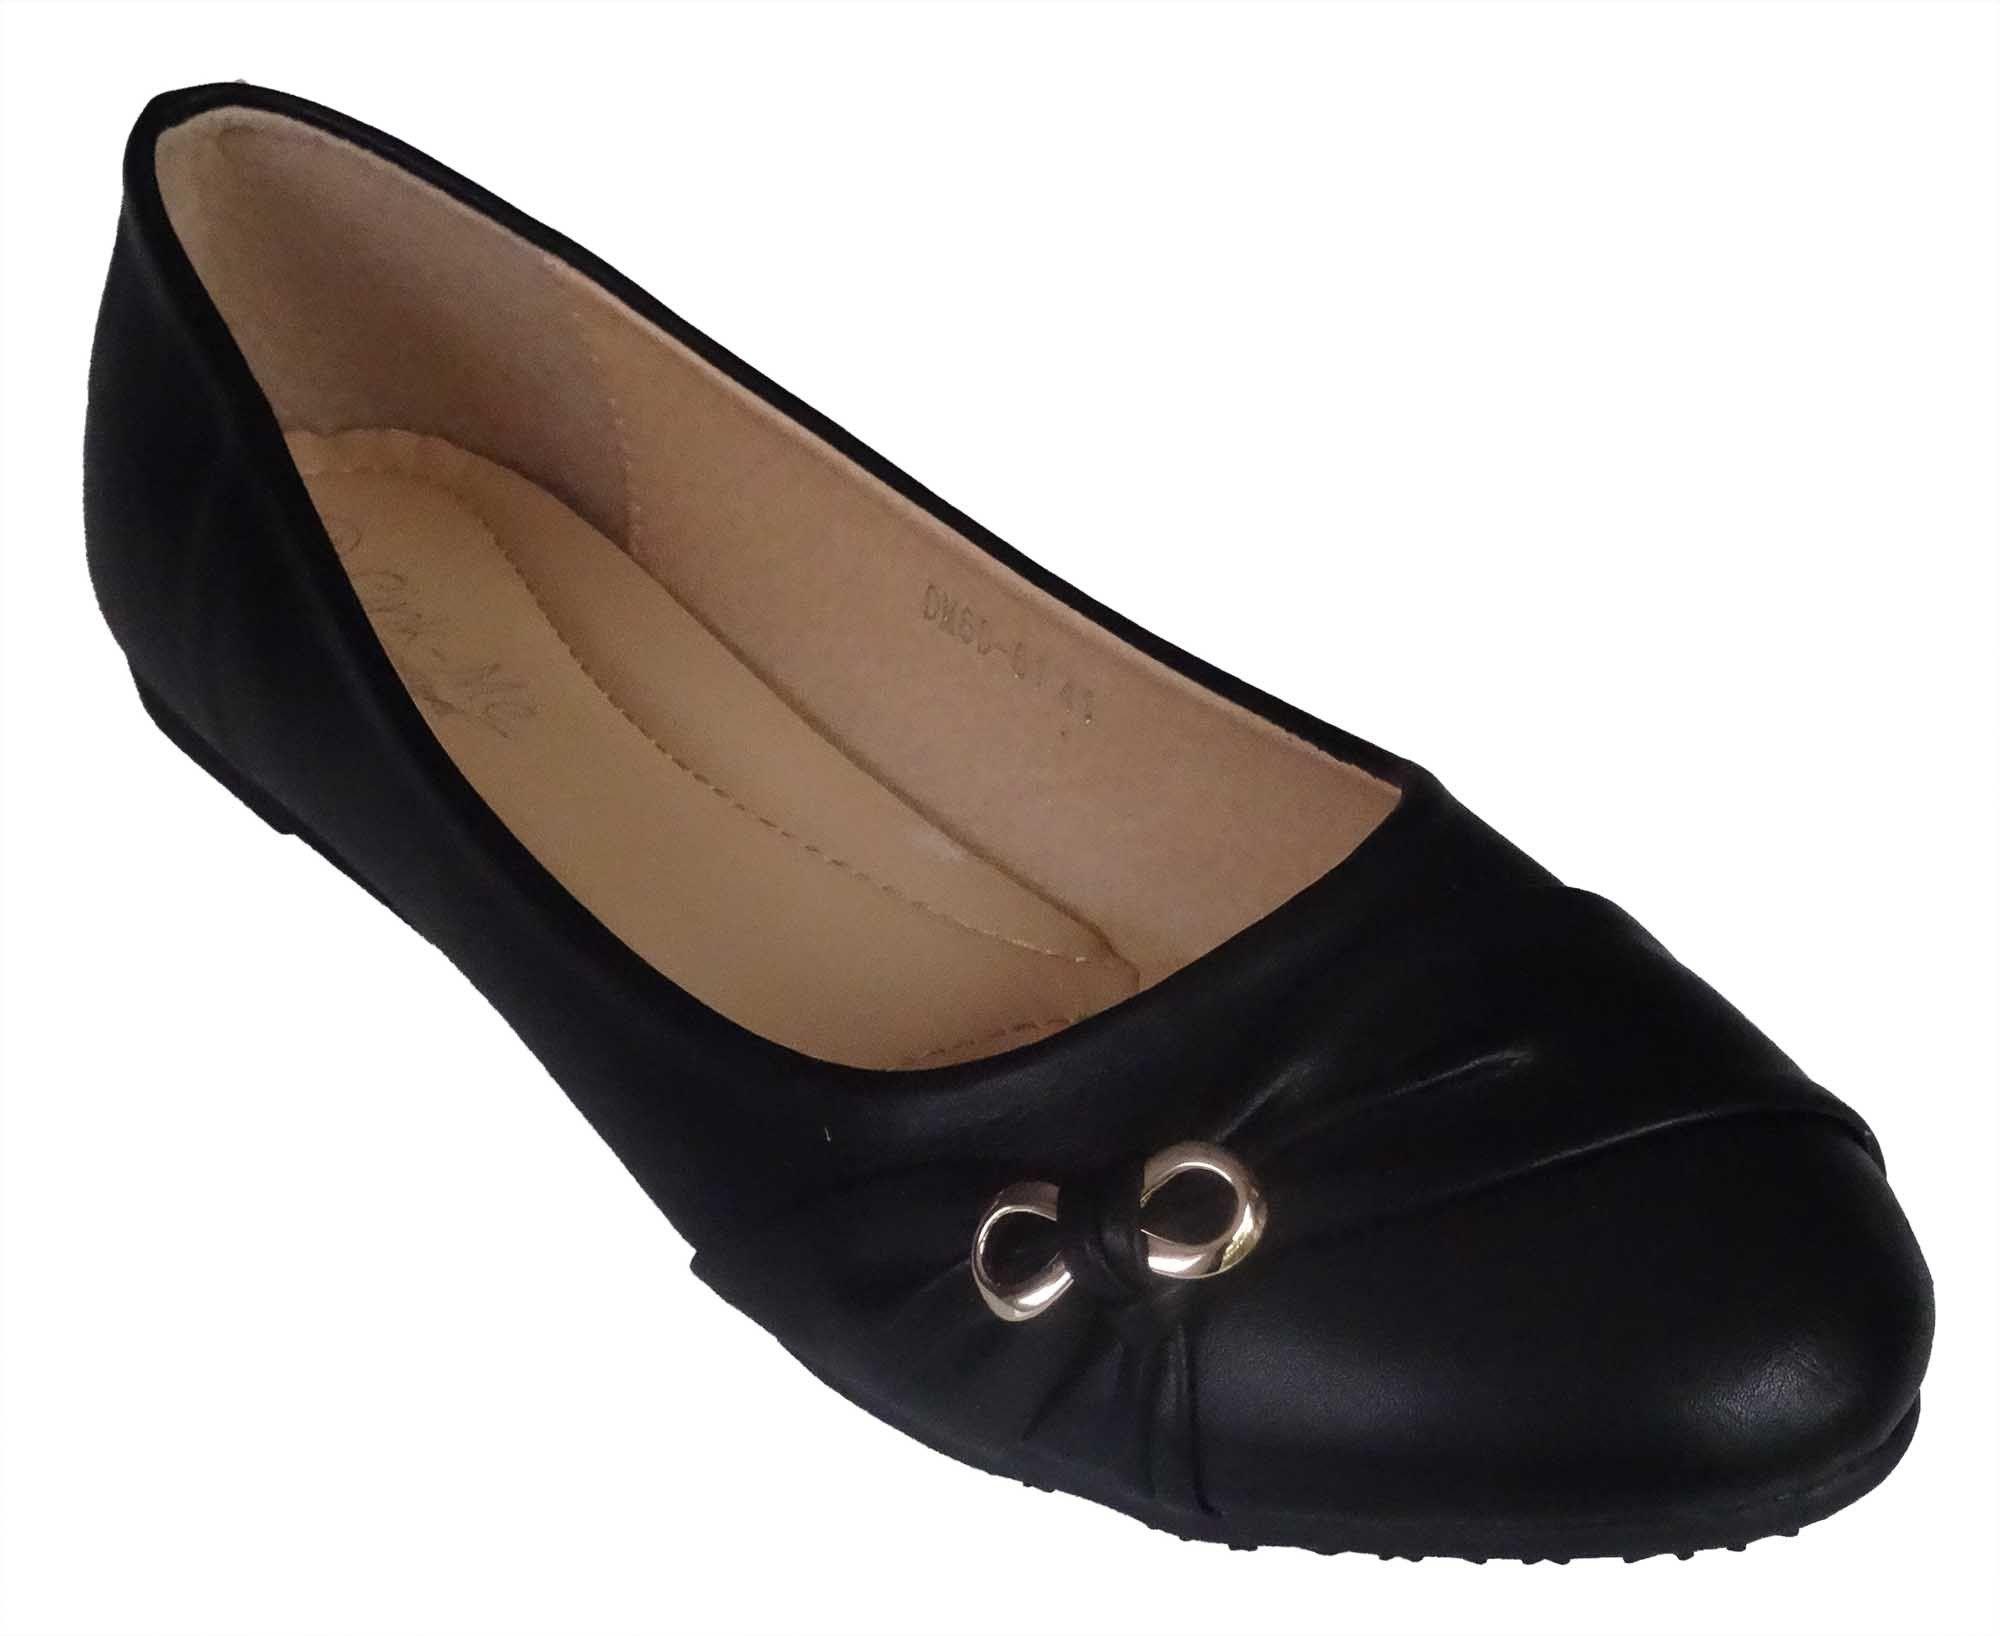 Ballerines Ze Beauty couleur Noire, Taille 41 42 43 44